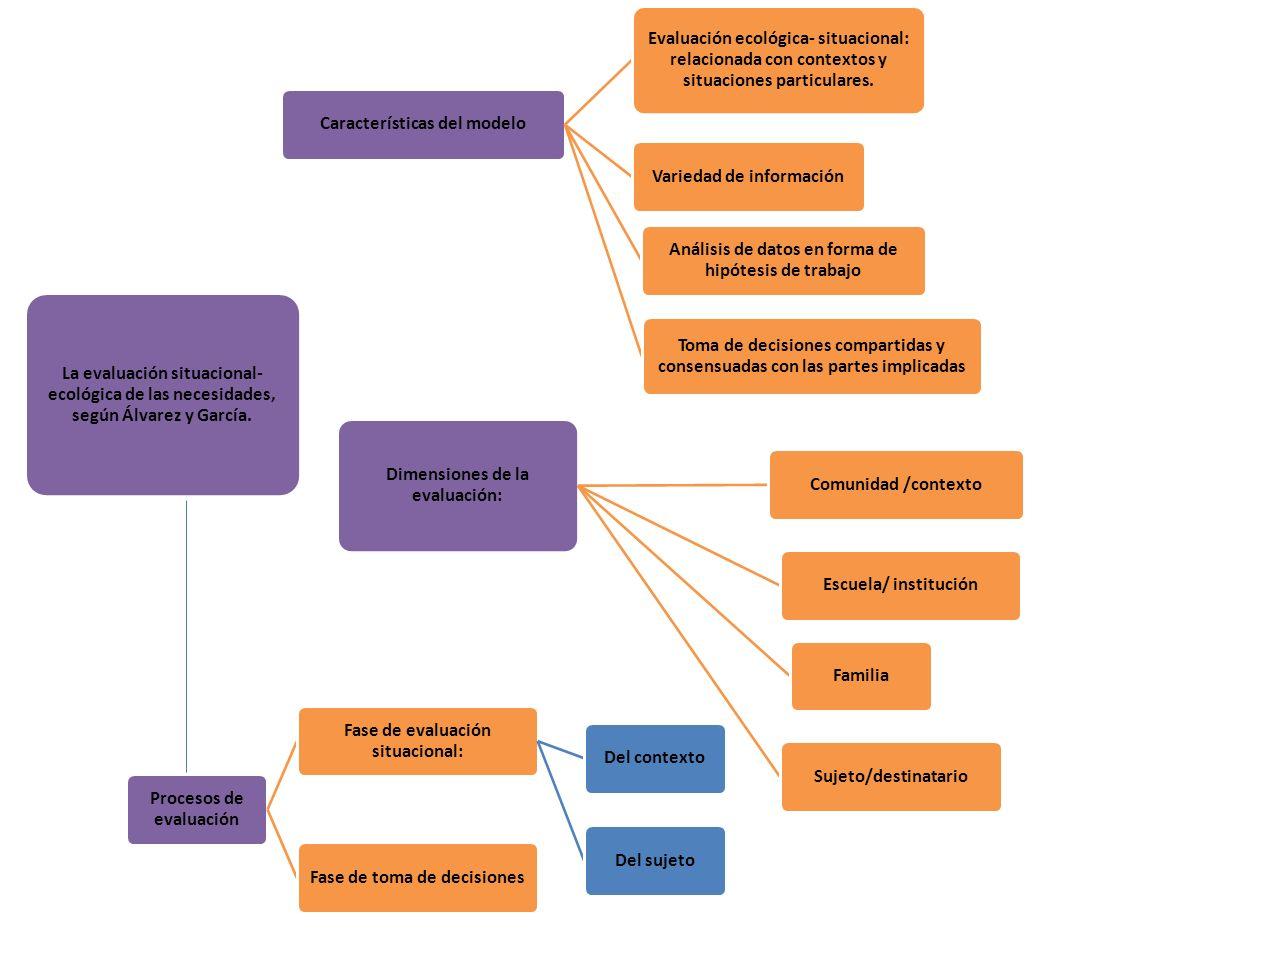 La evaluación situacional- ecológica de las necesidades, según Álvarez y García.